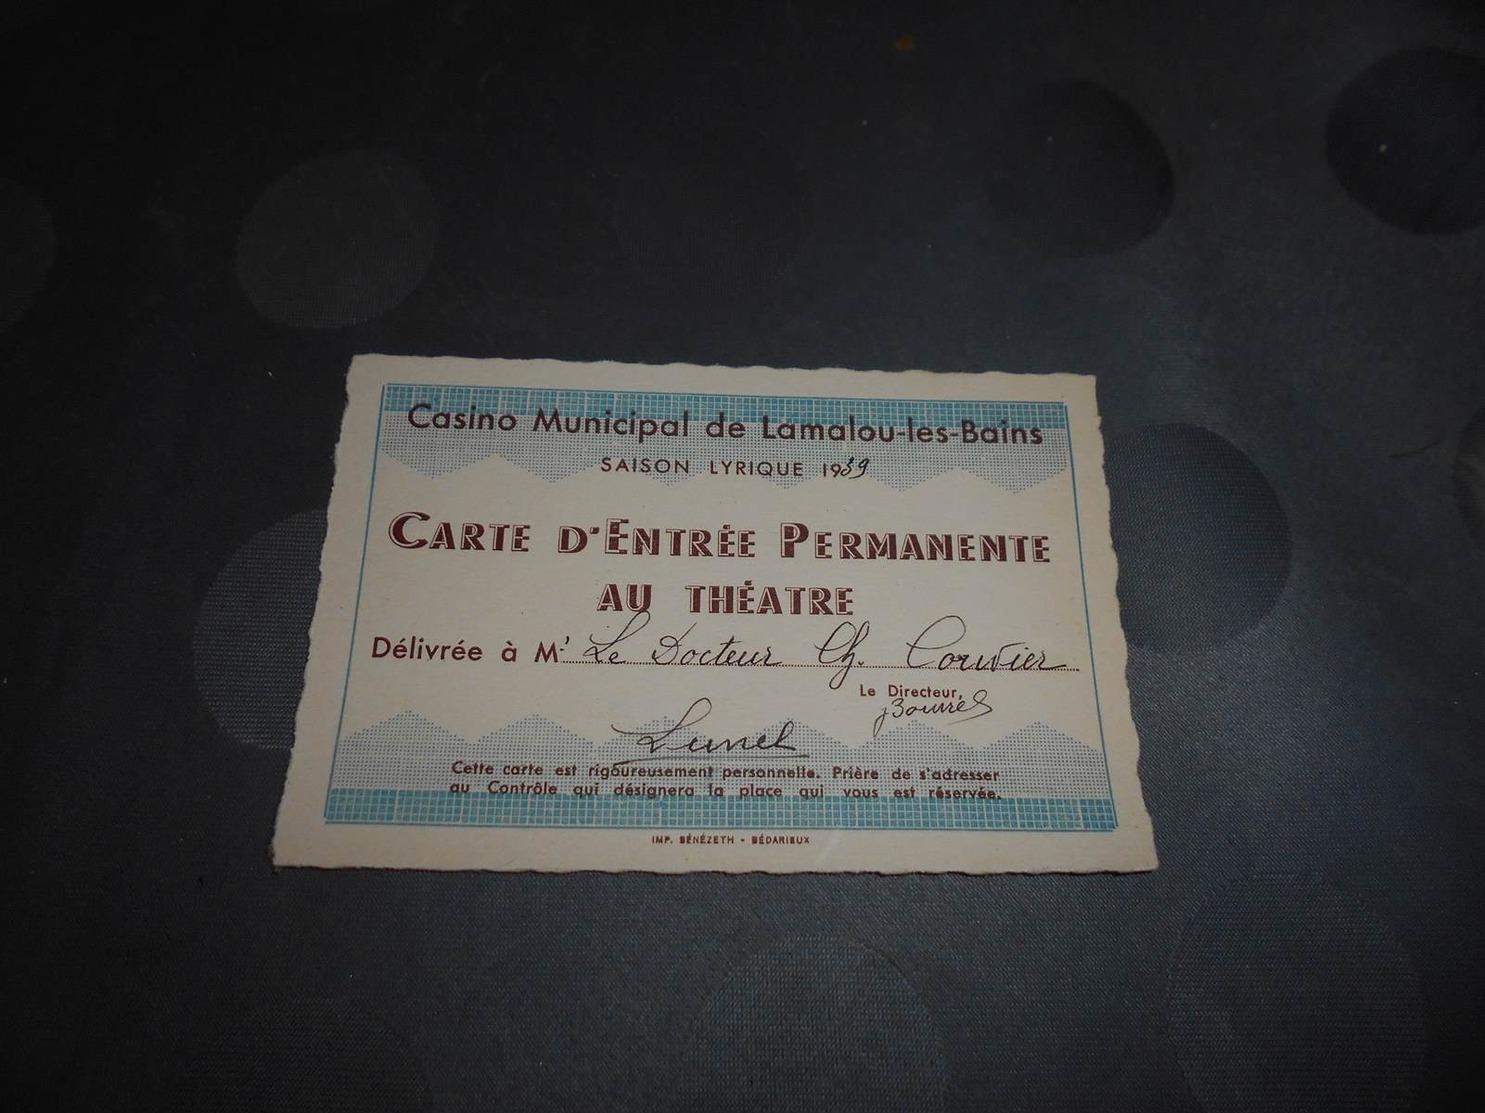 72 - Carte D'Entrée Permanente Au Théâtre Du Casino Municipal De Lamalou Les Bains, Saison 1939 - Documents Historiques